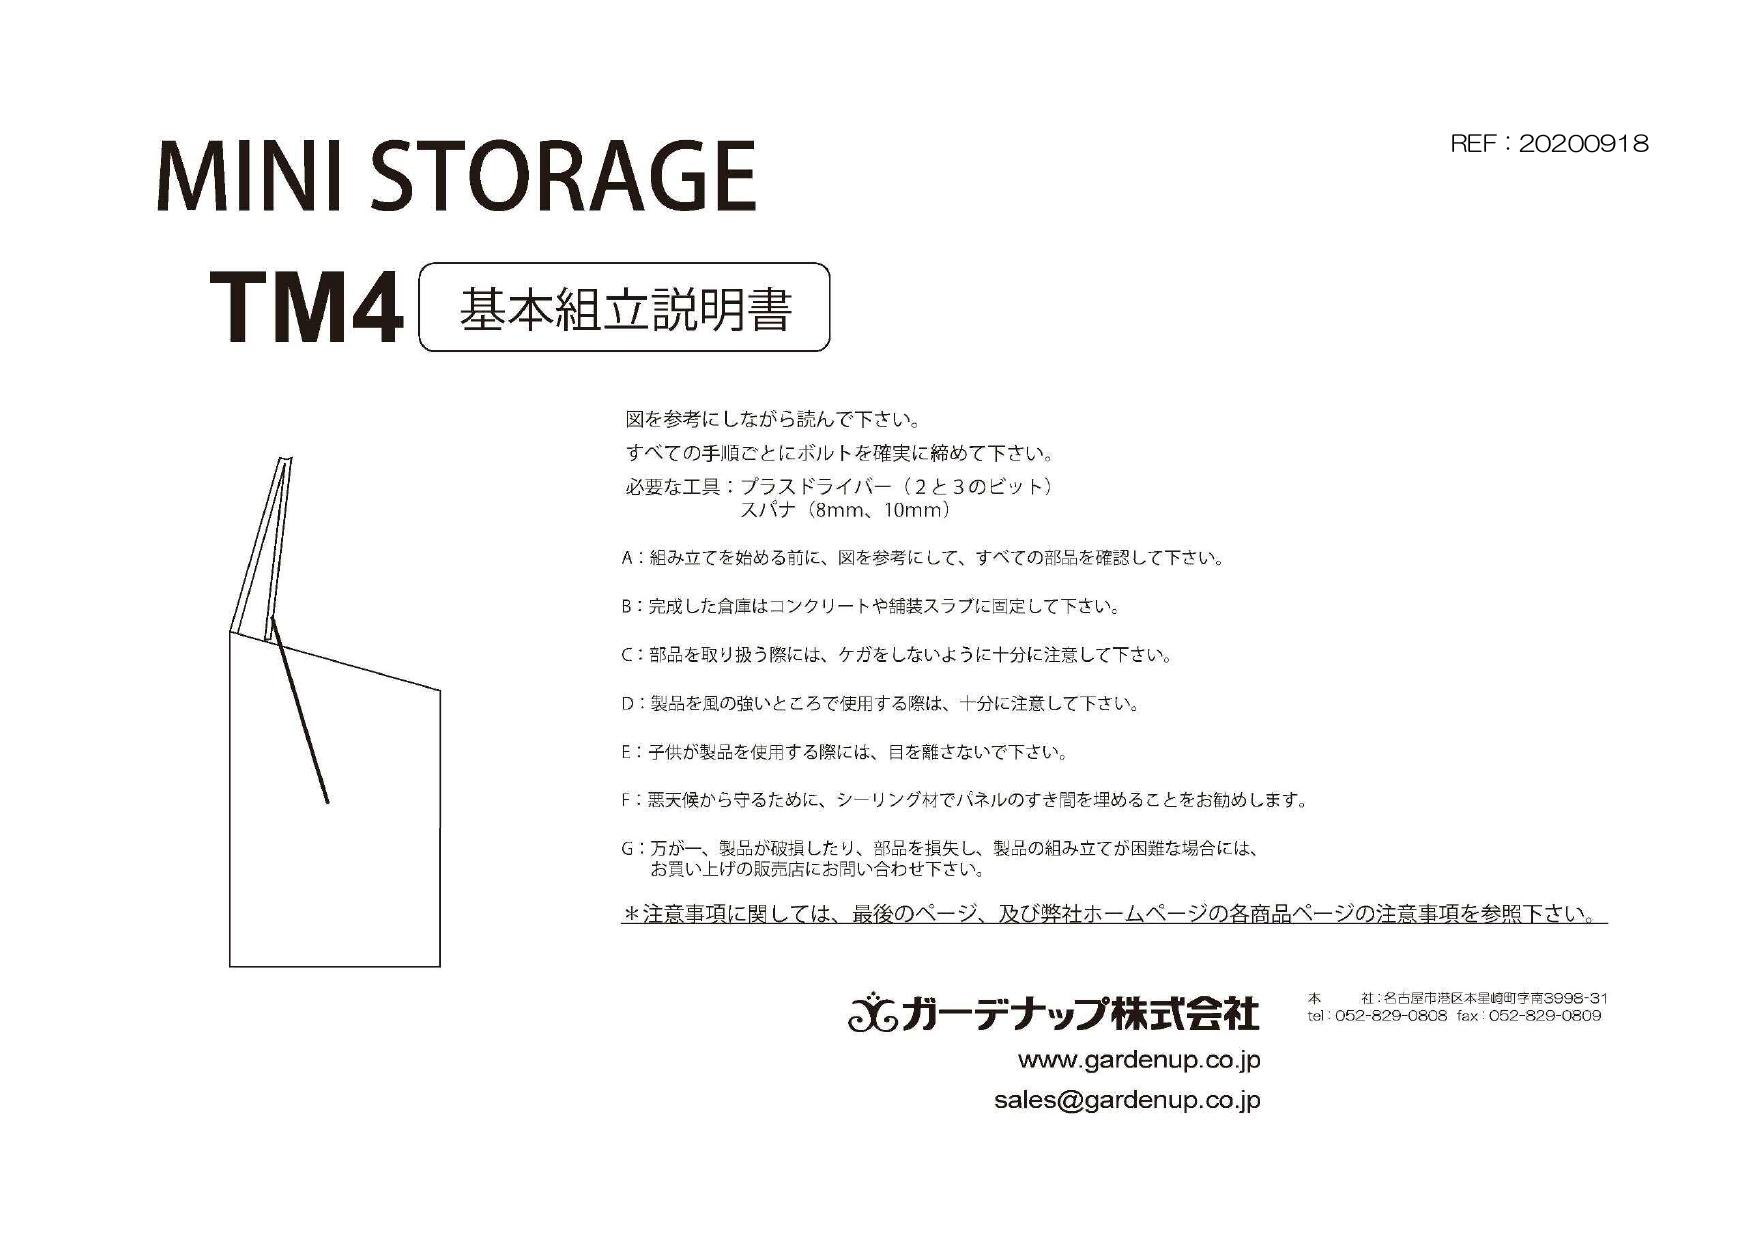 ミニストレージTM4 説明書_page-0001